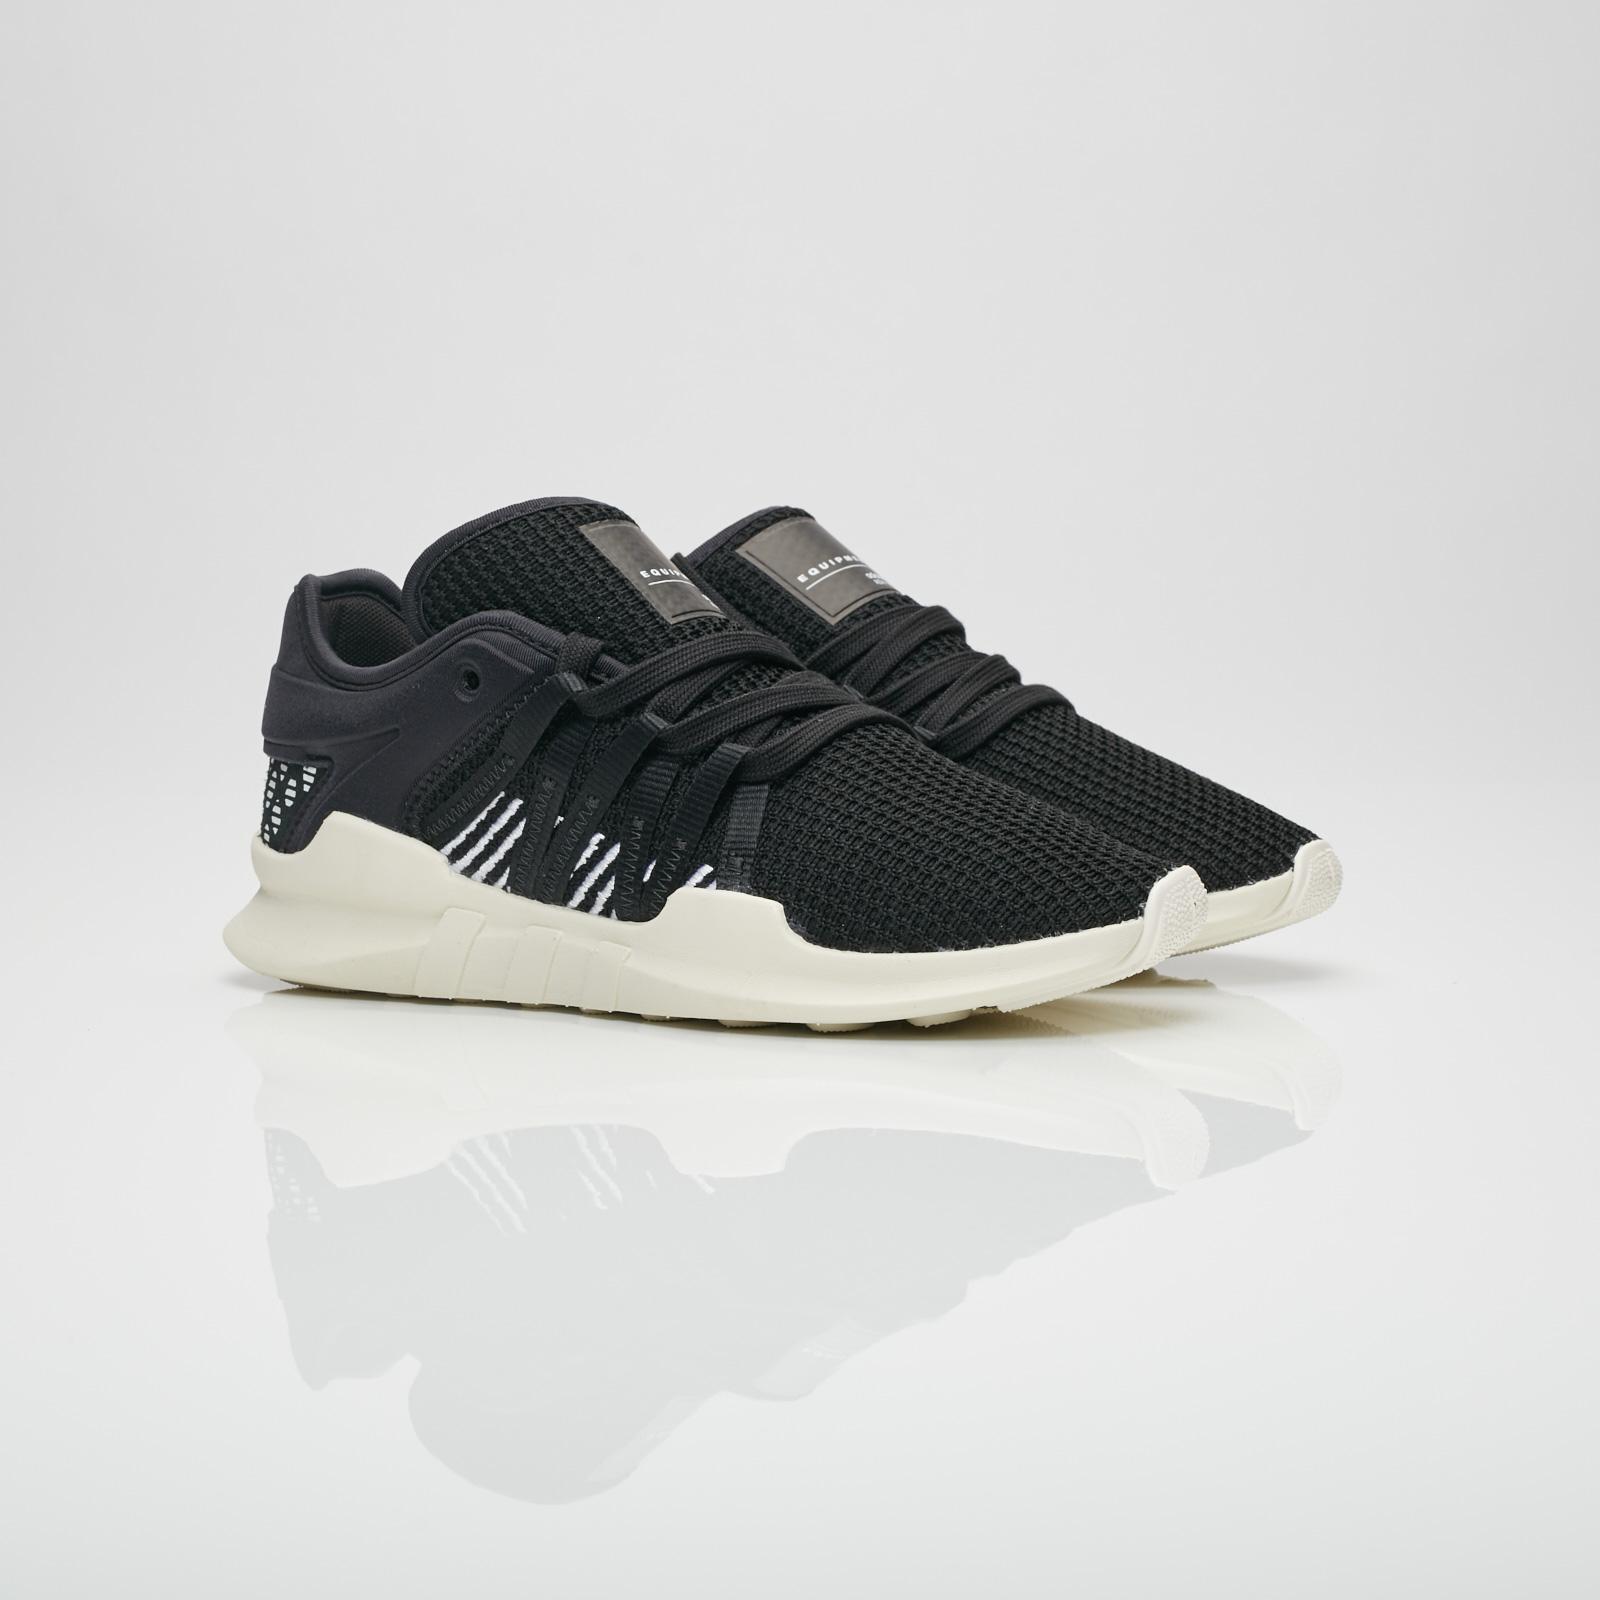 sports shoes 720e9 2c214 adidas Originals EQT Racing ADV W